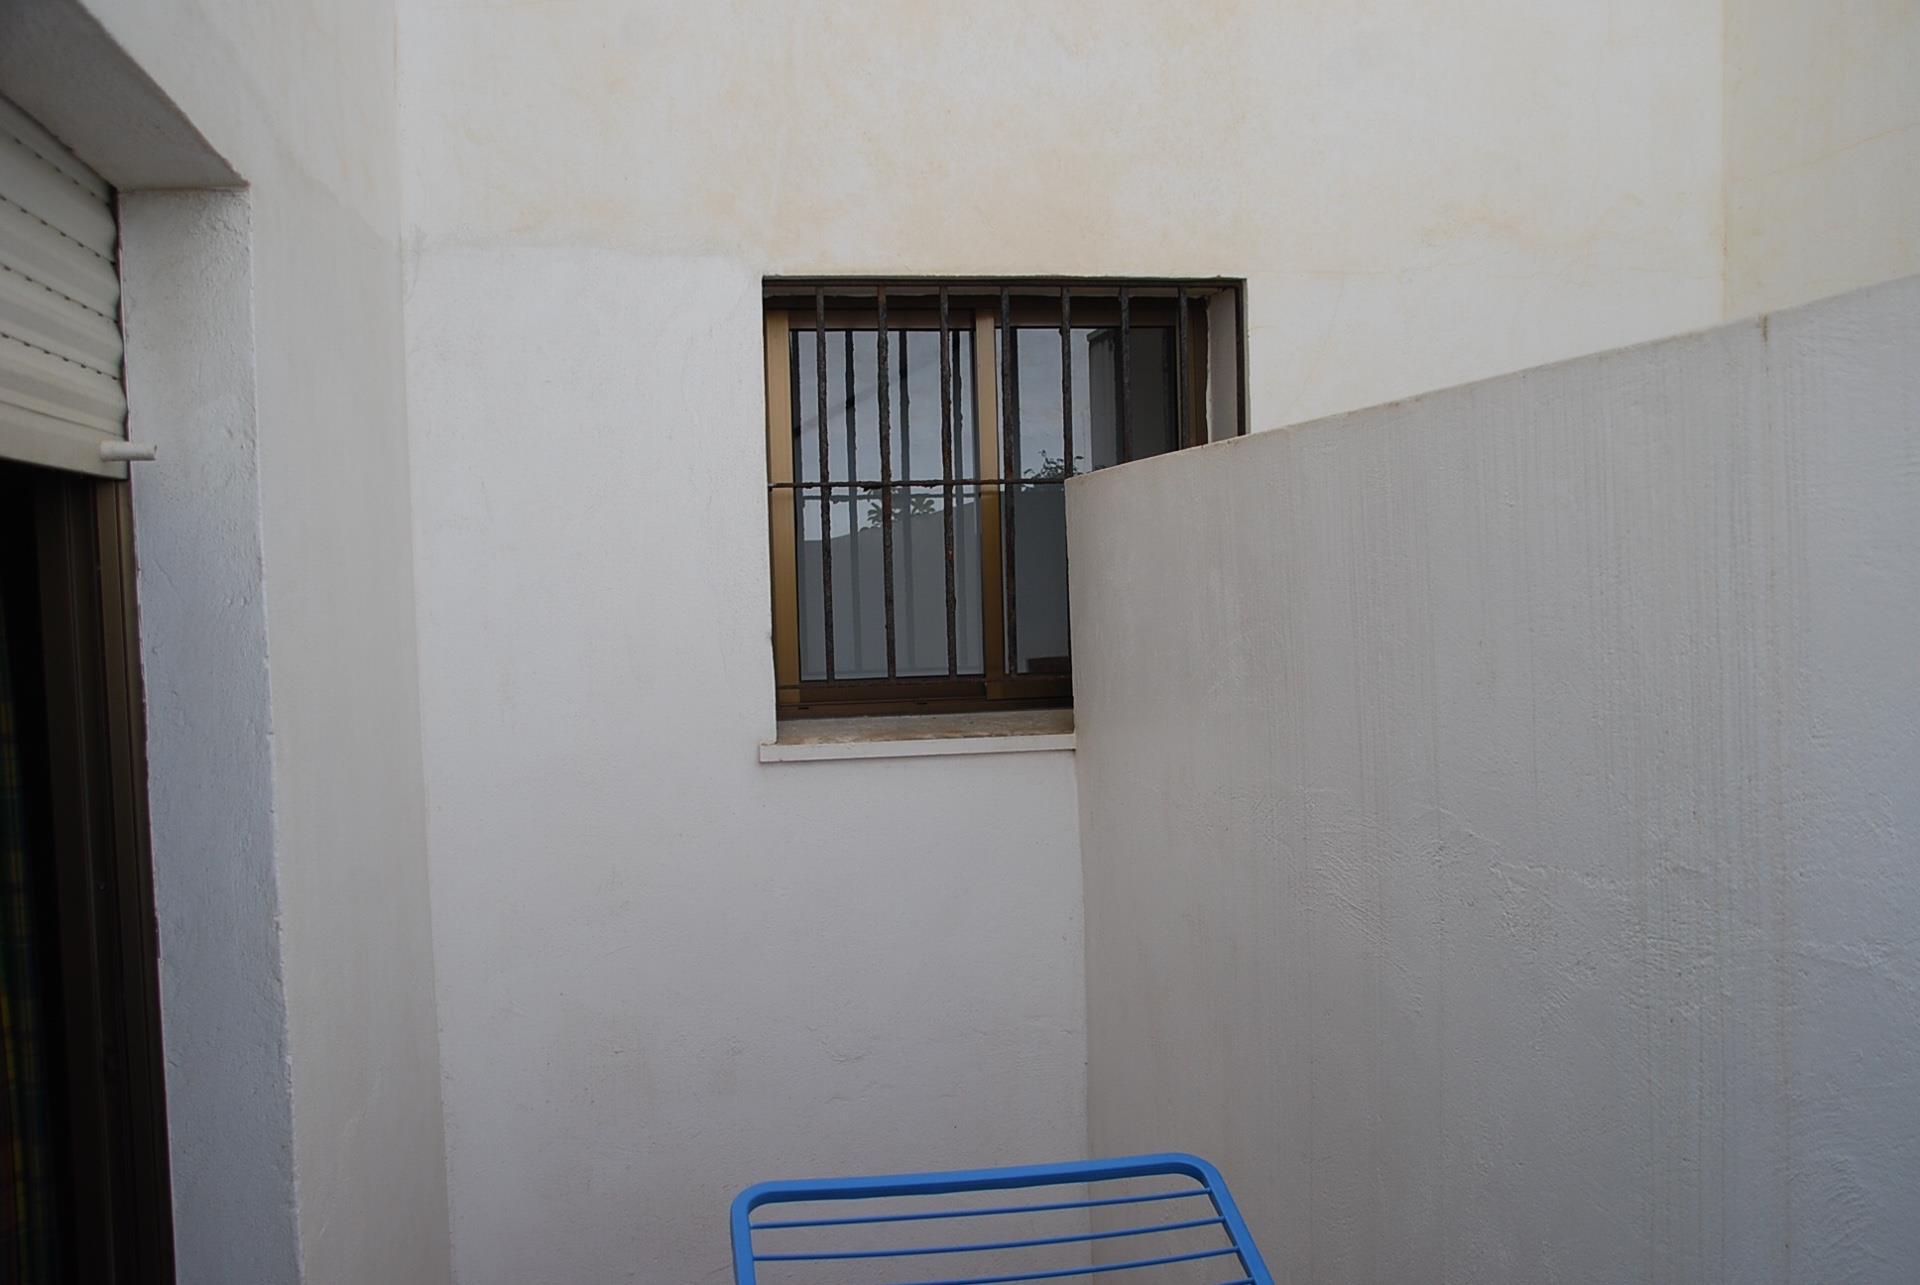 Piso de alquiler en Paseo Marítimo el Morche, 26 El Morche (El Morche, Málaga)